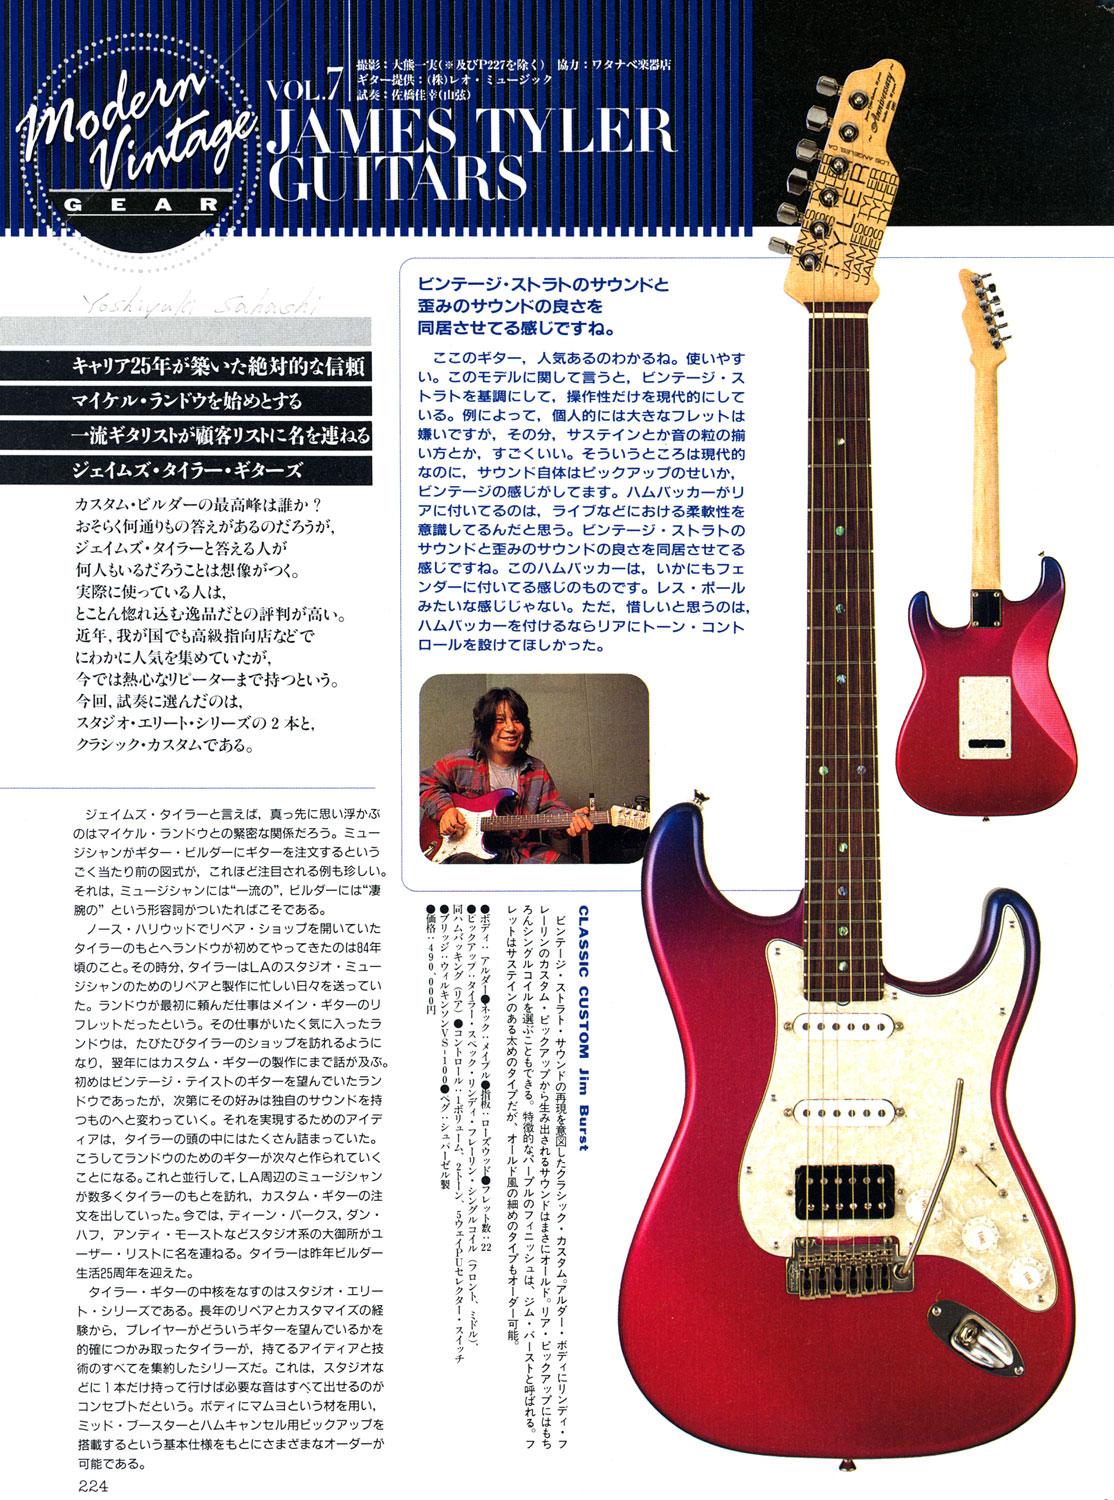 Copy of 1998 Guitar Magazine